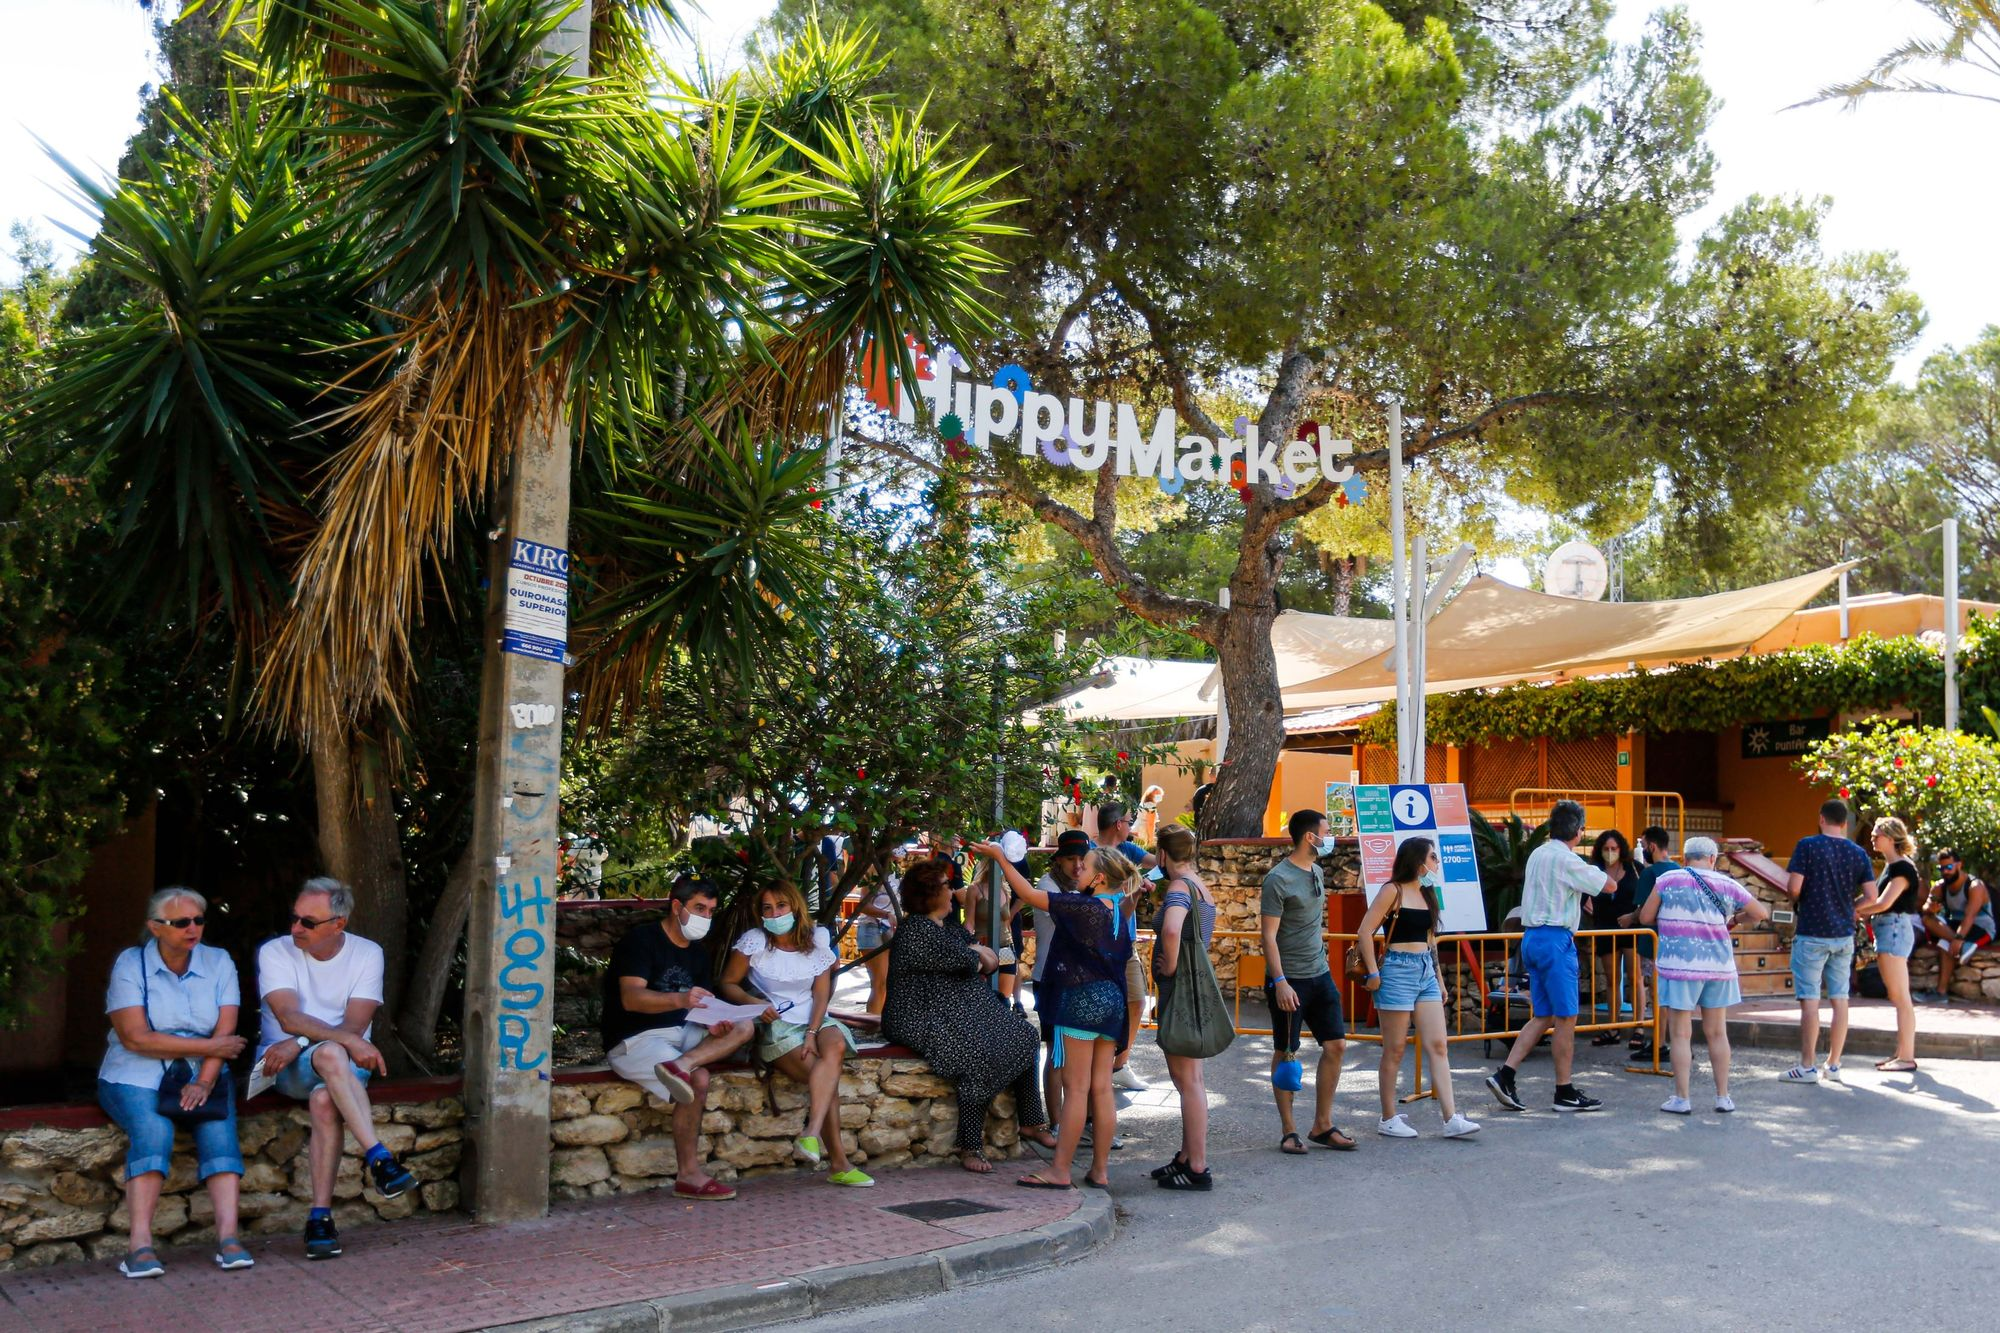 Hippy Market Punta Arabí